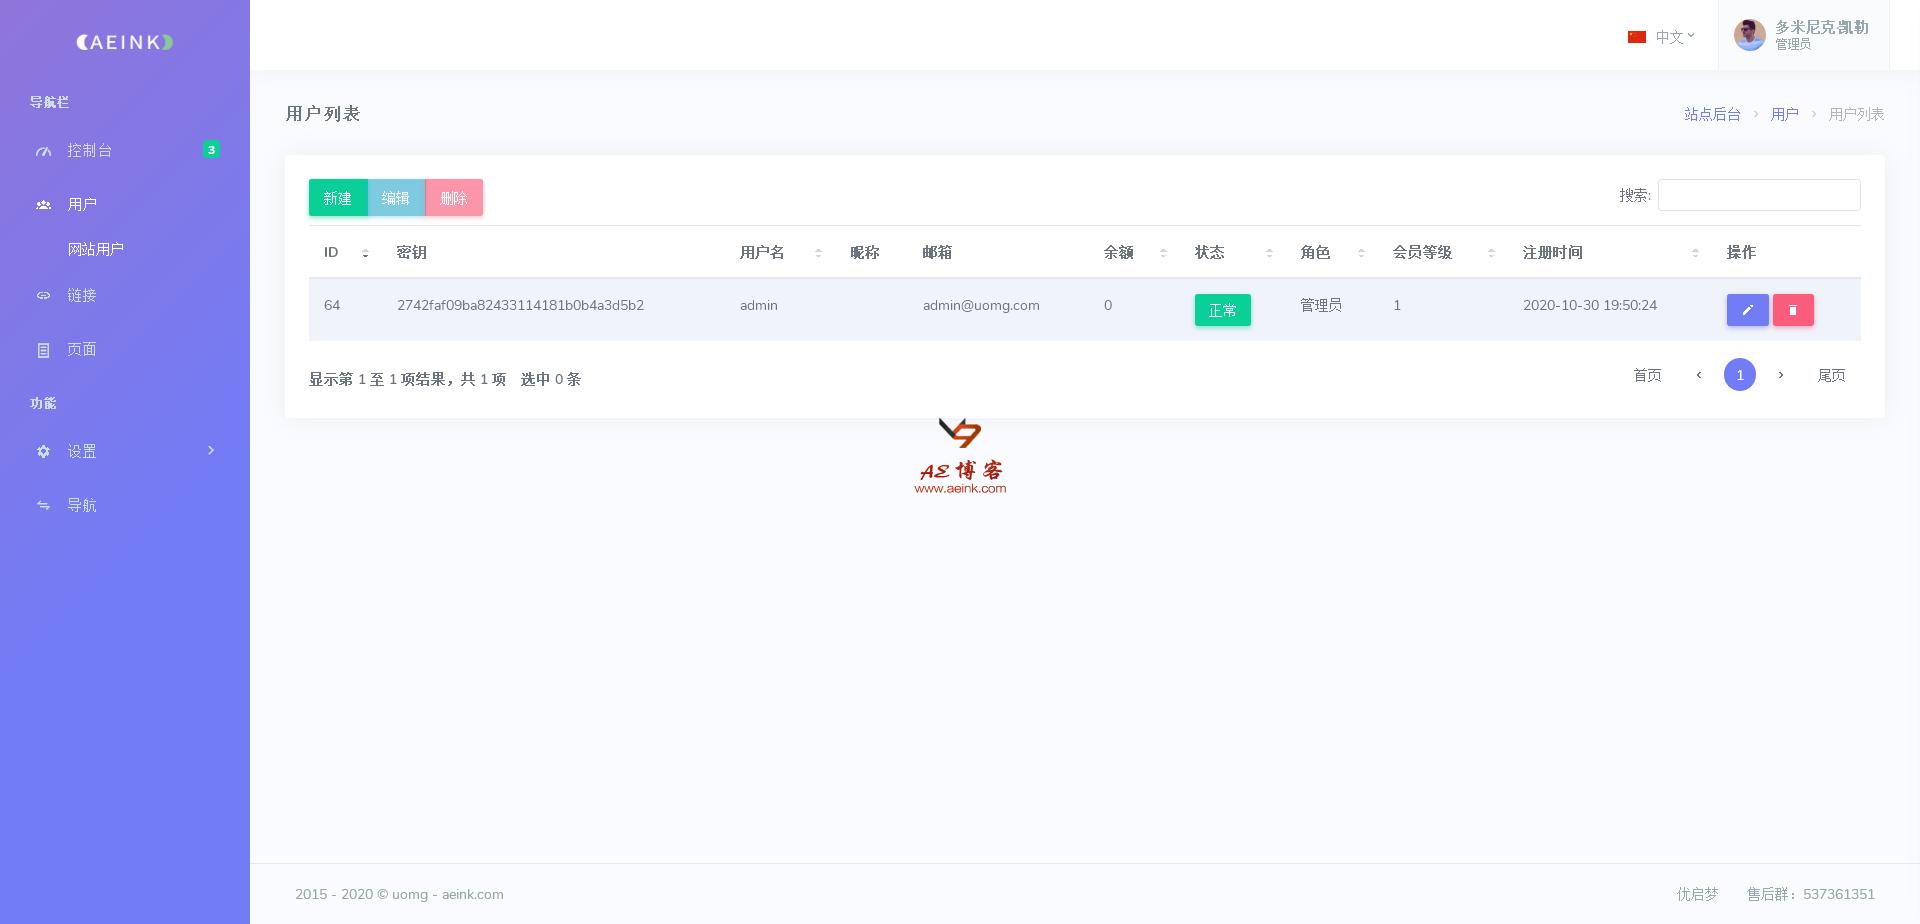 用户列表 - 优启梦定制平台.png